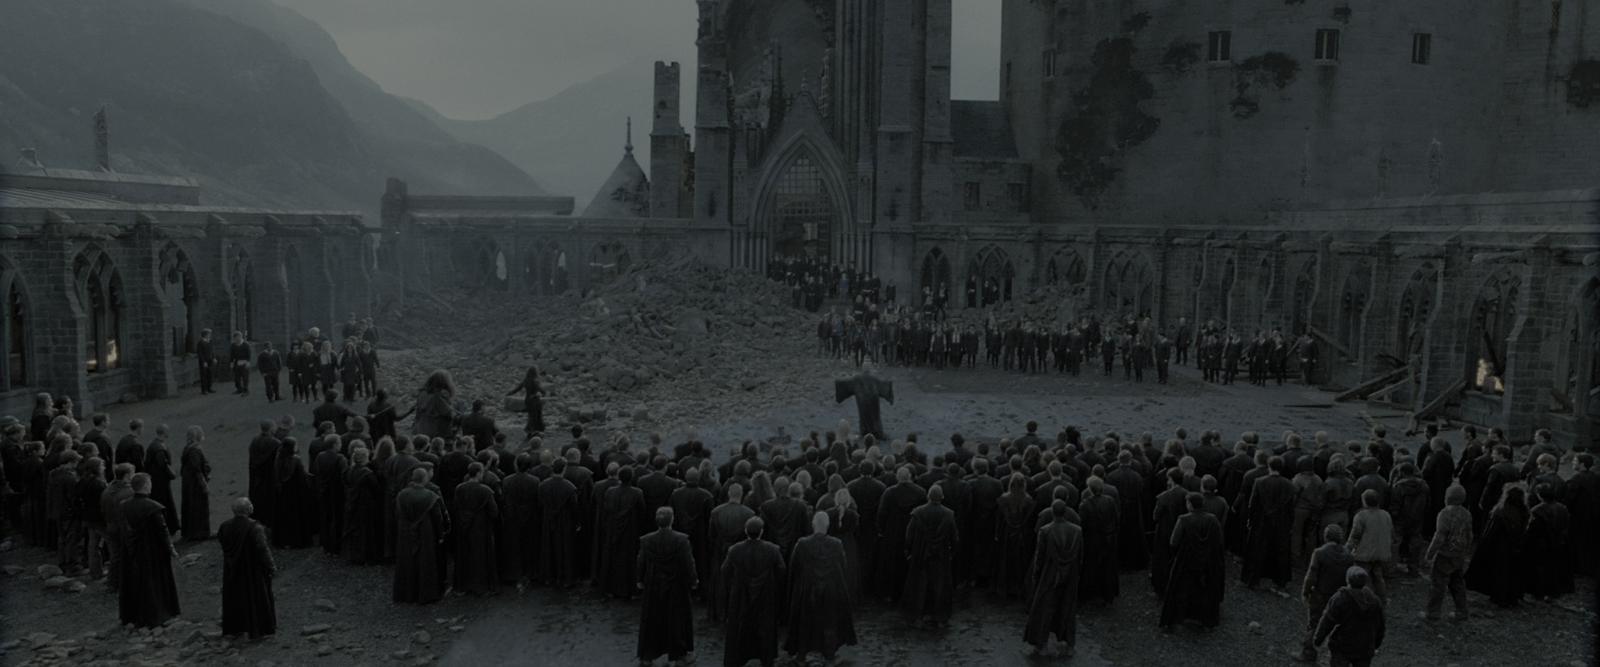 Harry Potter y las Reliquias de la Muerte - Parte 2 (2011) 4K UHD [HDR] Latino-Castellano-Ingles captura 4